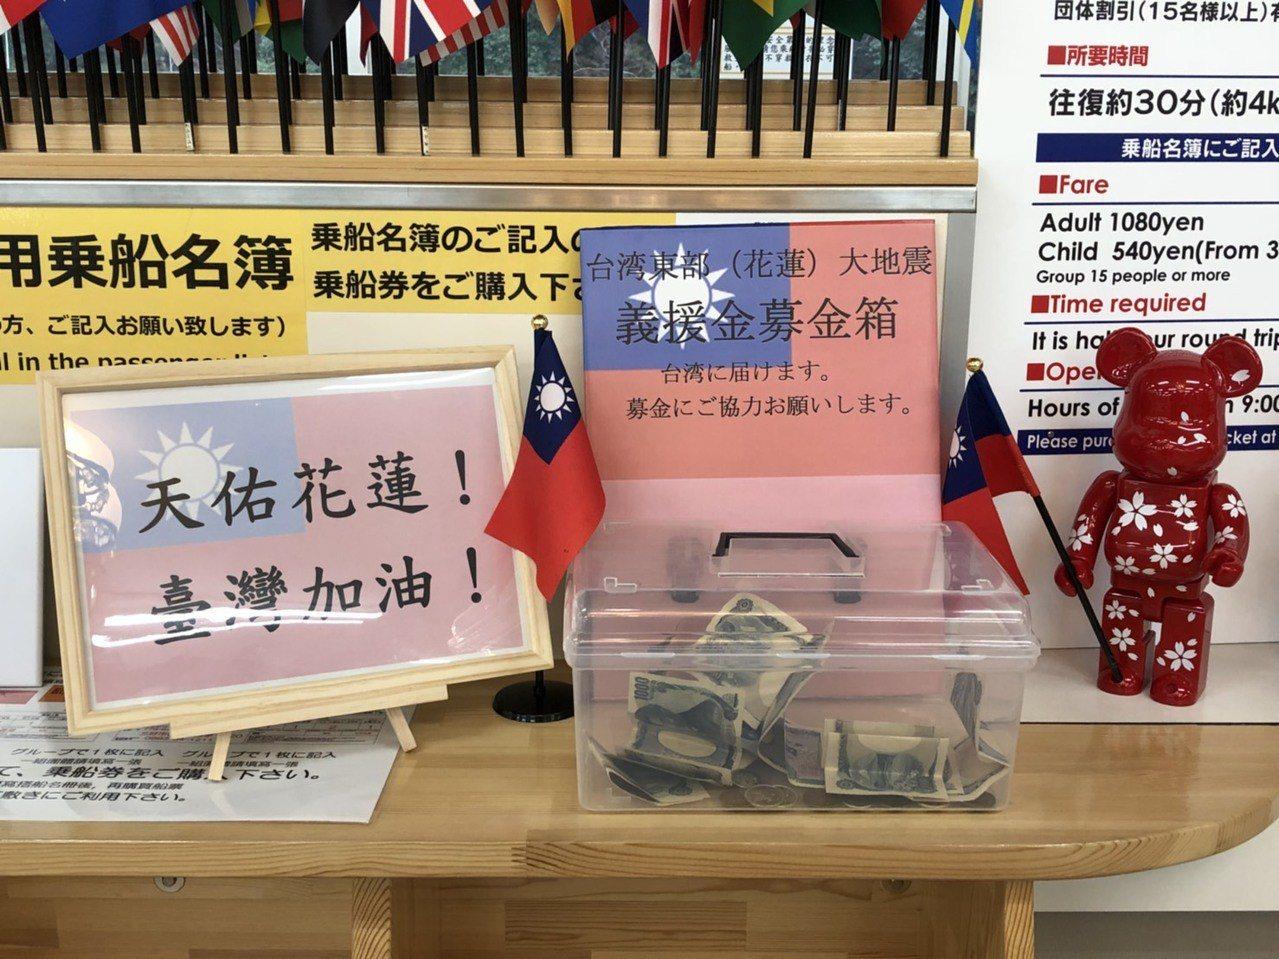 為幫助花蓮地震災民,溫泉飯店在大廳內放置捐款箱。圖/高苑科大提供